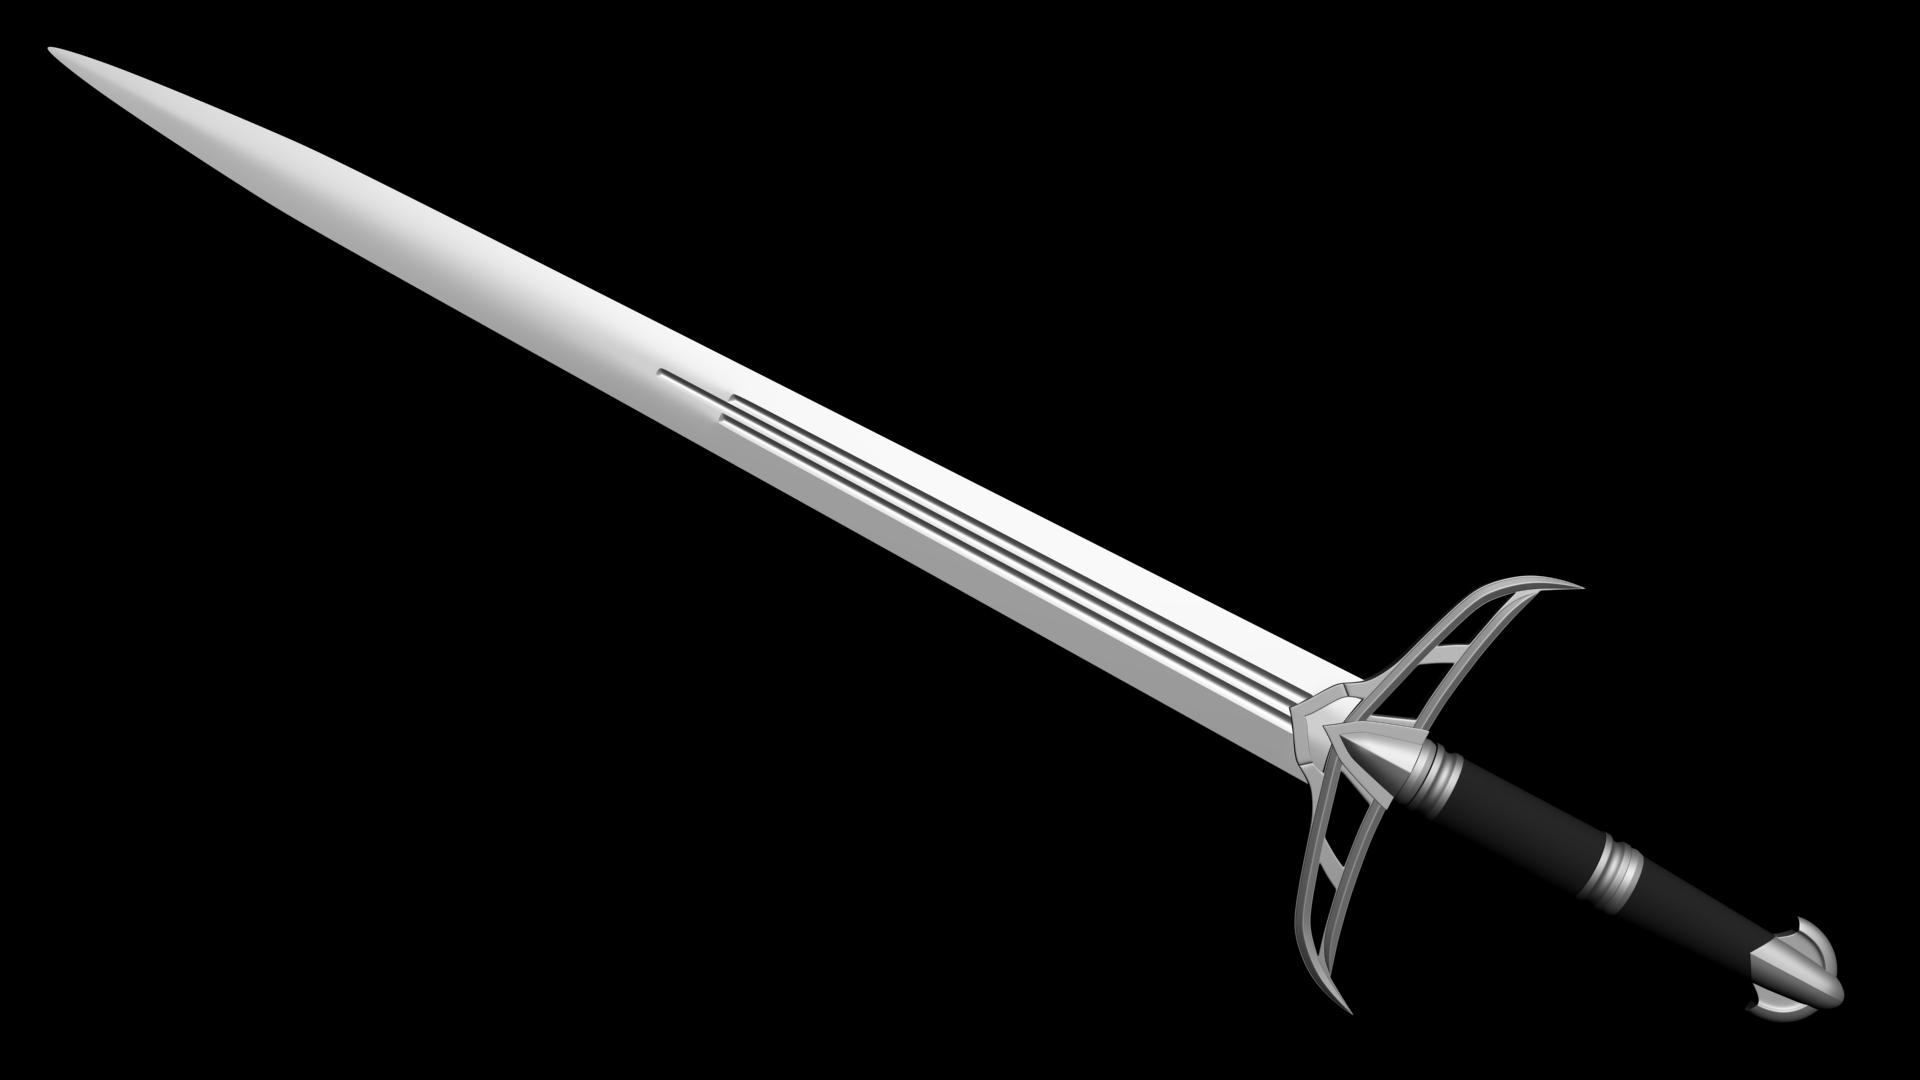 Knife PNG Image - Knife PNG